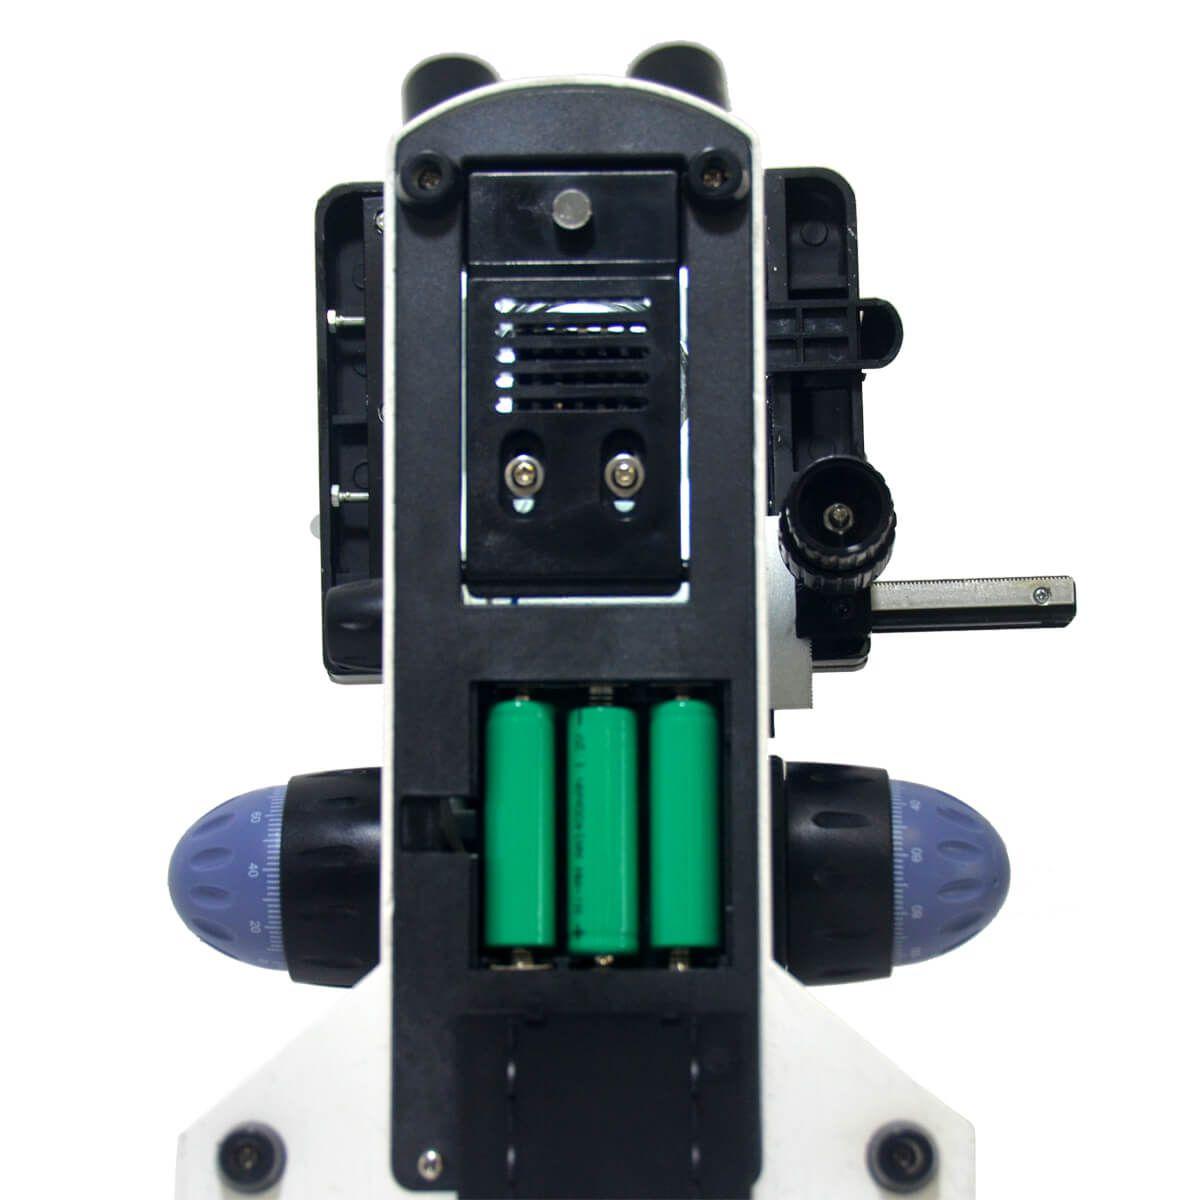 Microsc. Biológico Binocular de 40x até 1000 Ou 2000x, Iluminação Led E Suporte para Bateria Recarregável